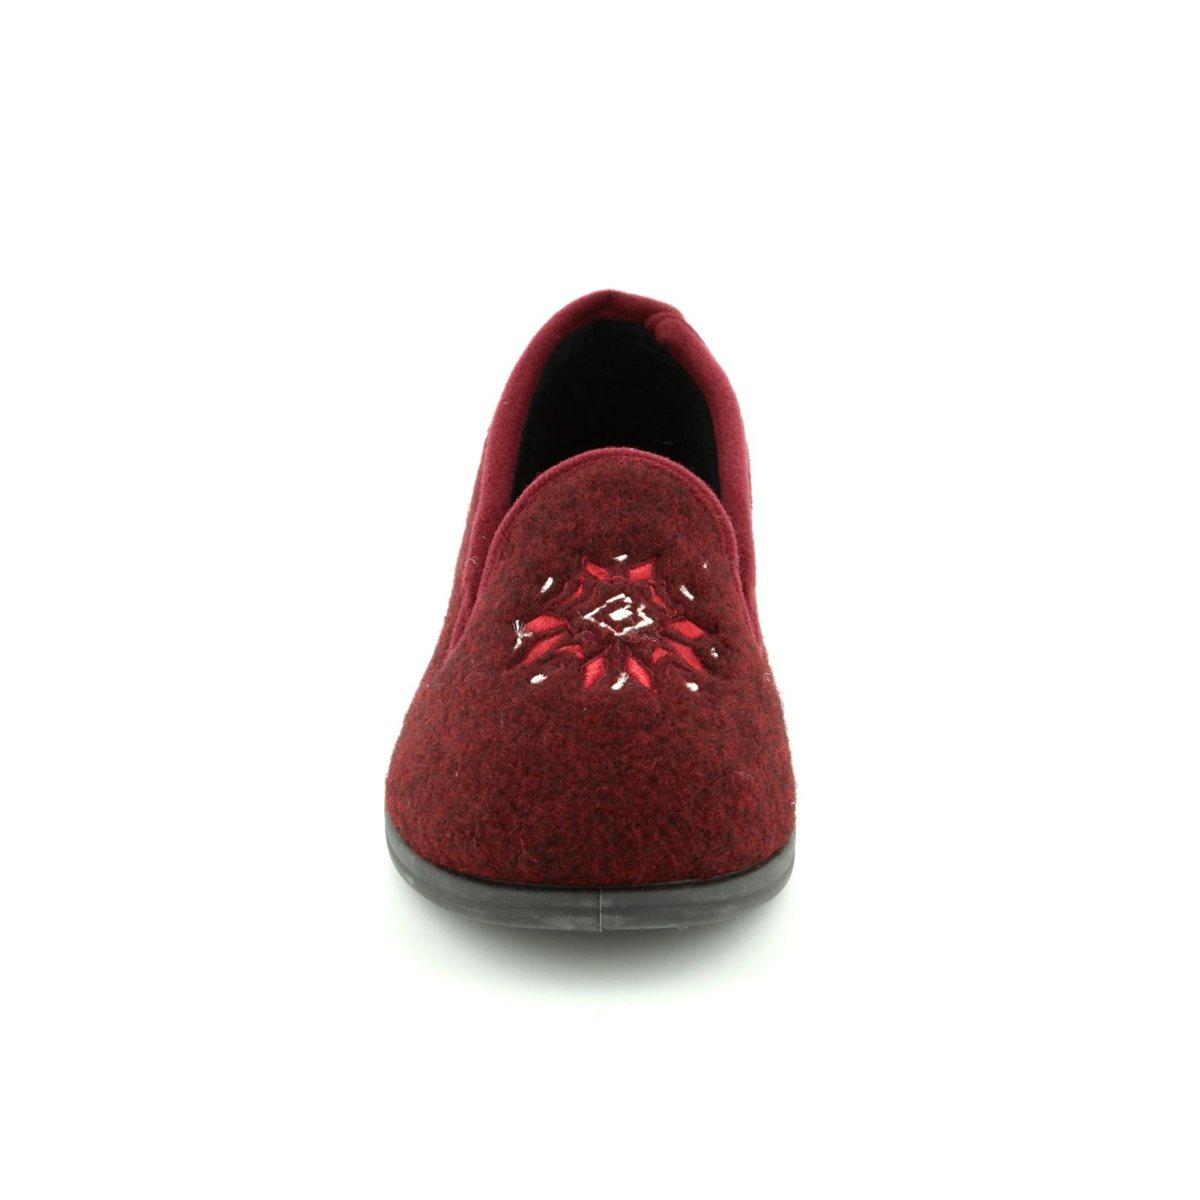 1cb257ee943 Clarks Slippers - Burgundy - 3070 14D MARSHA ROSE